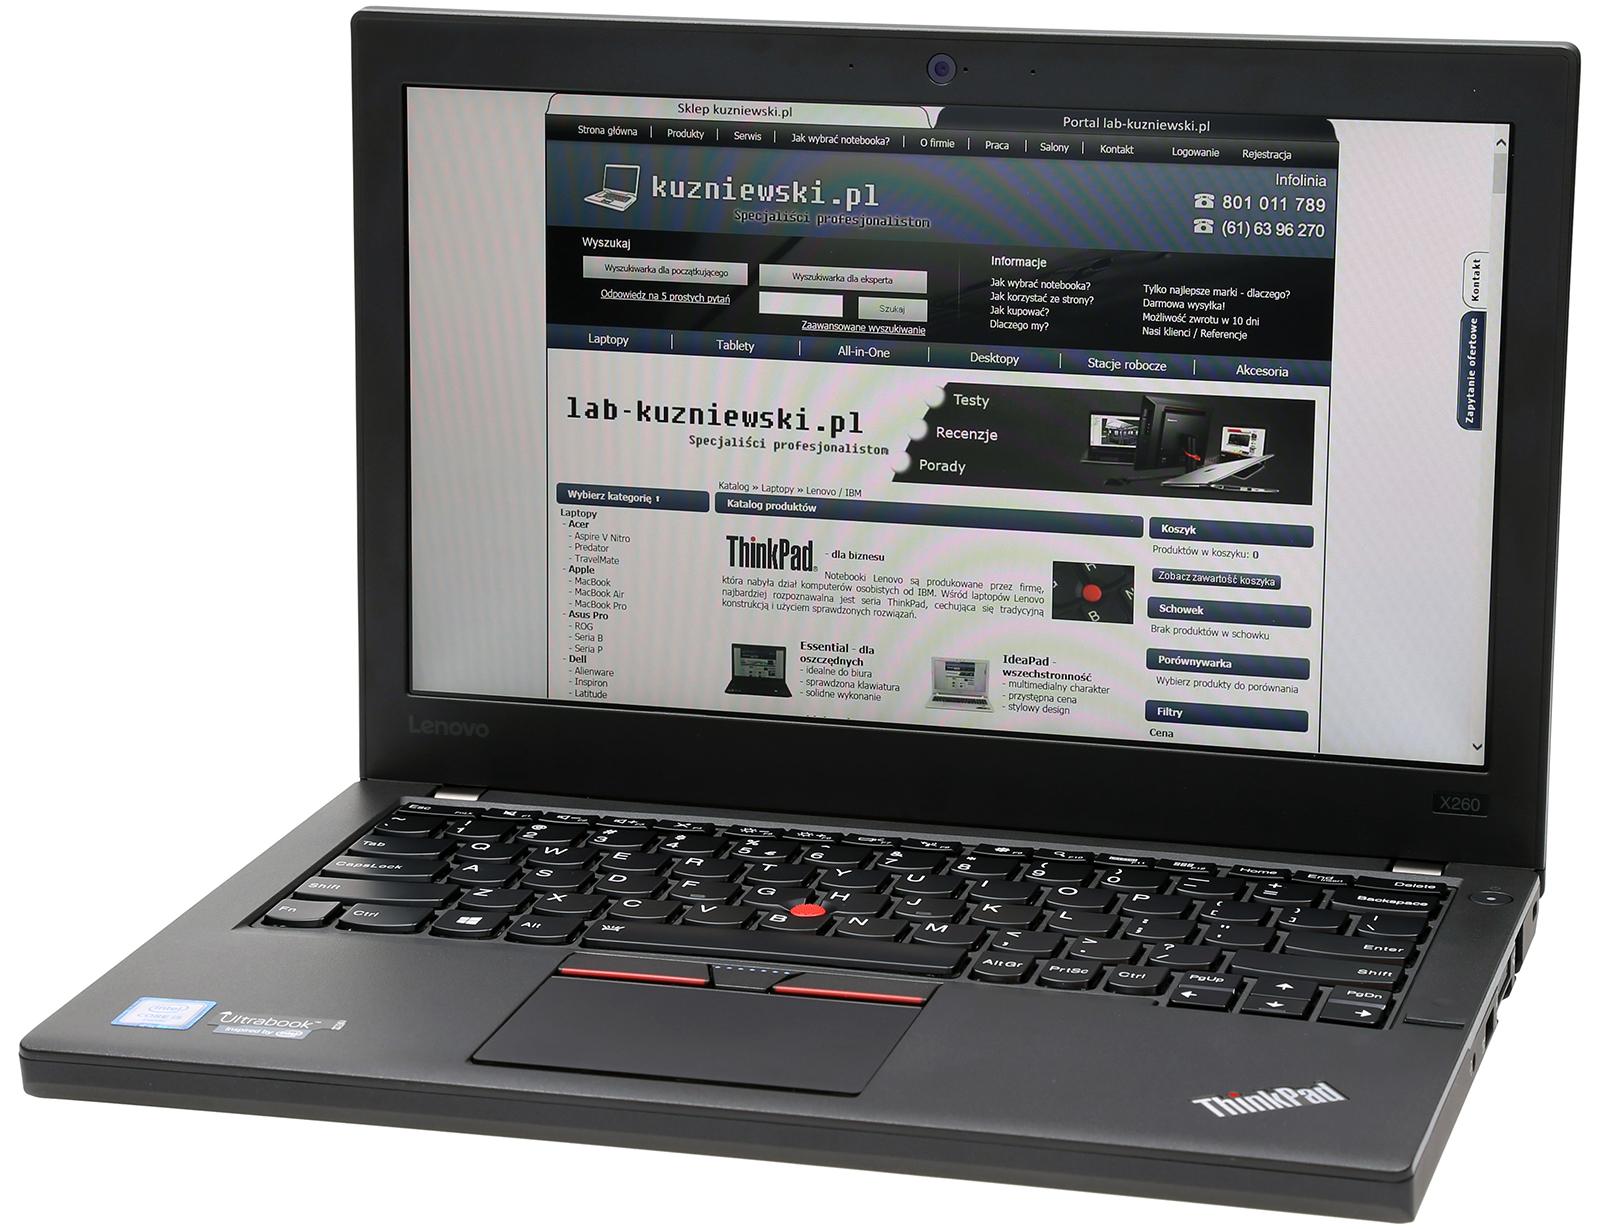 Szczeg³Å'owe informacje o pakiecie usług dla notebook³w są dostępne tutaj